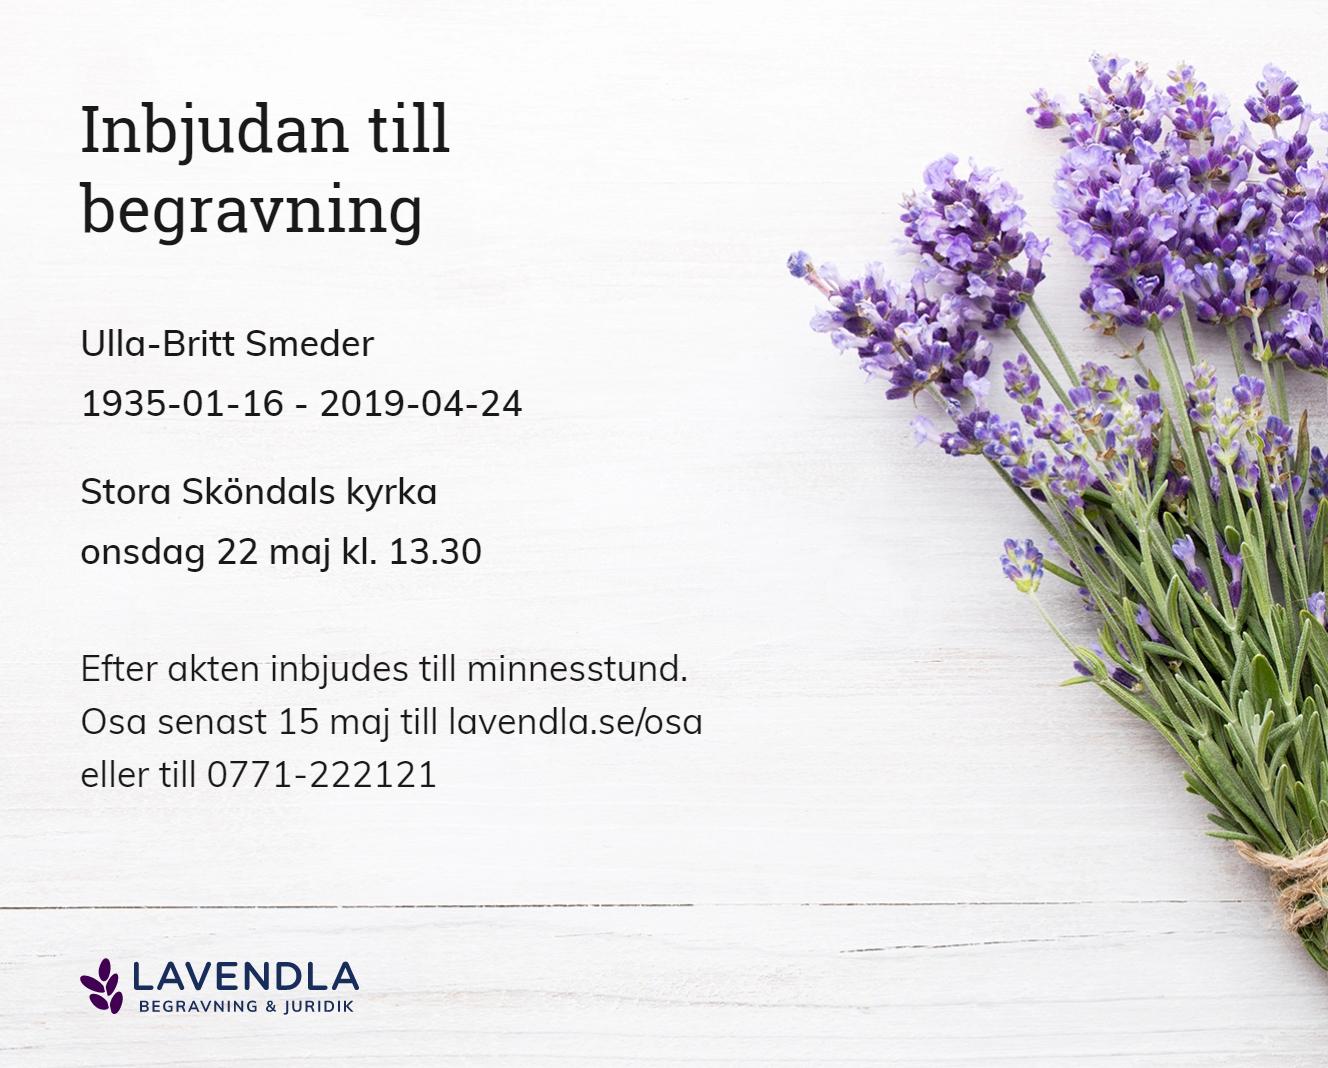 Inbjudningskort till ceremonin för Ulla-Britt Smeder